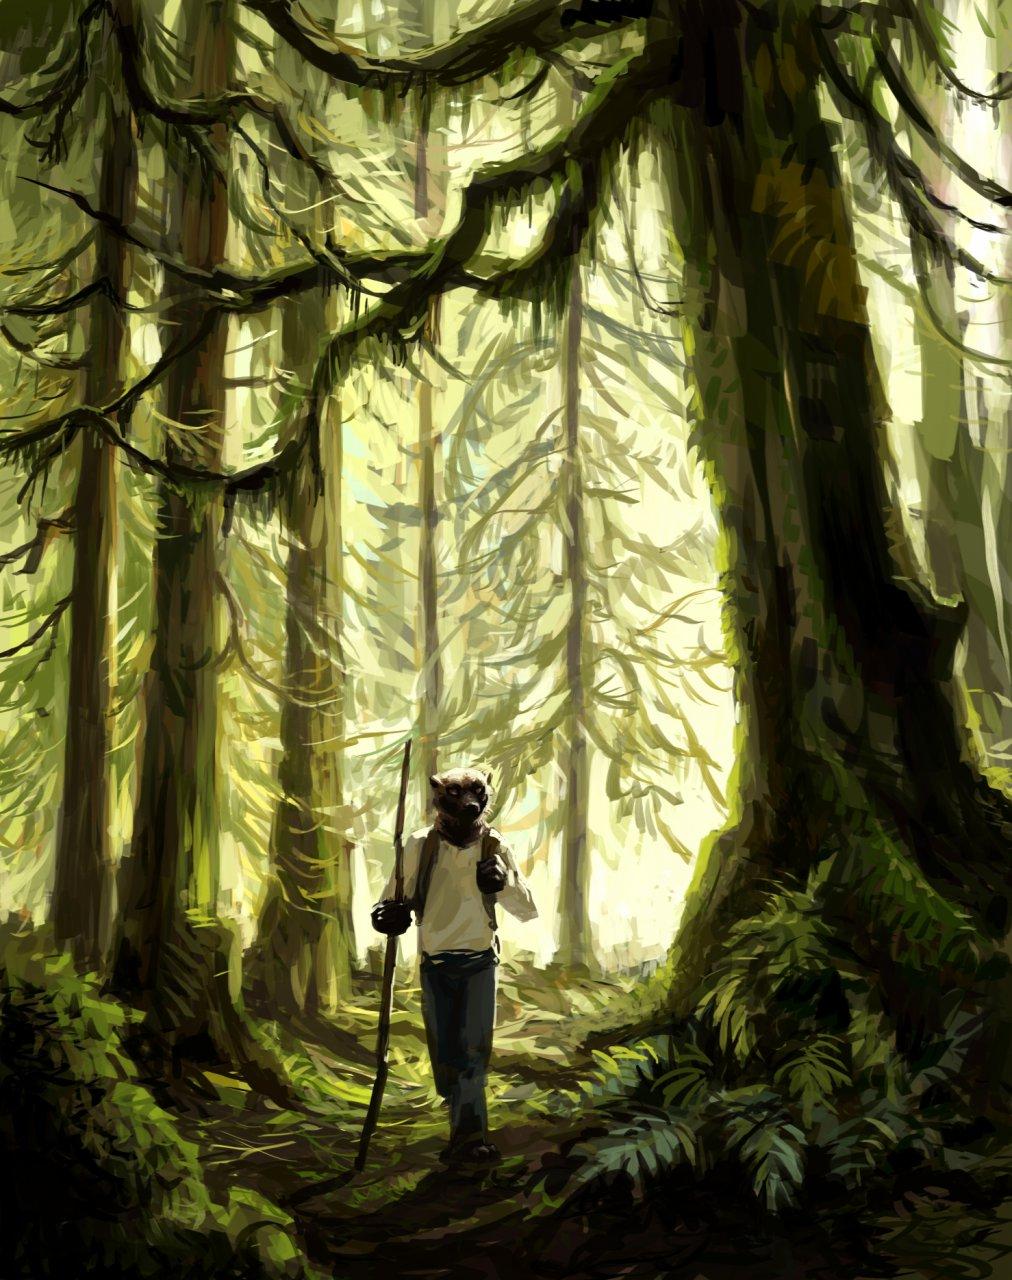 Woods Trek - by Kenket